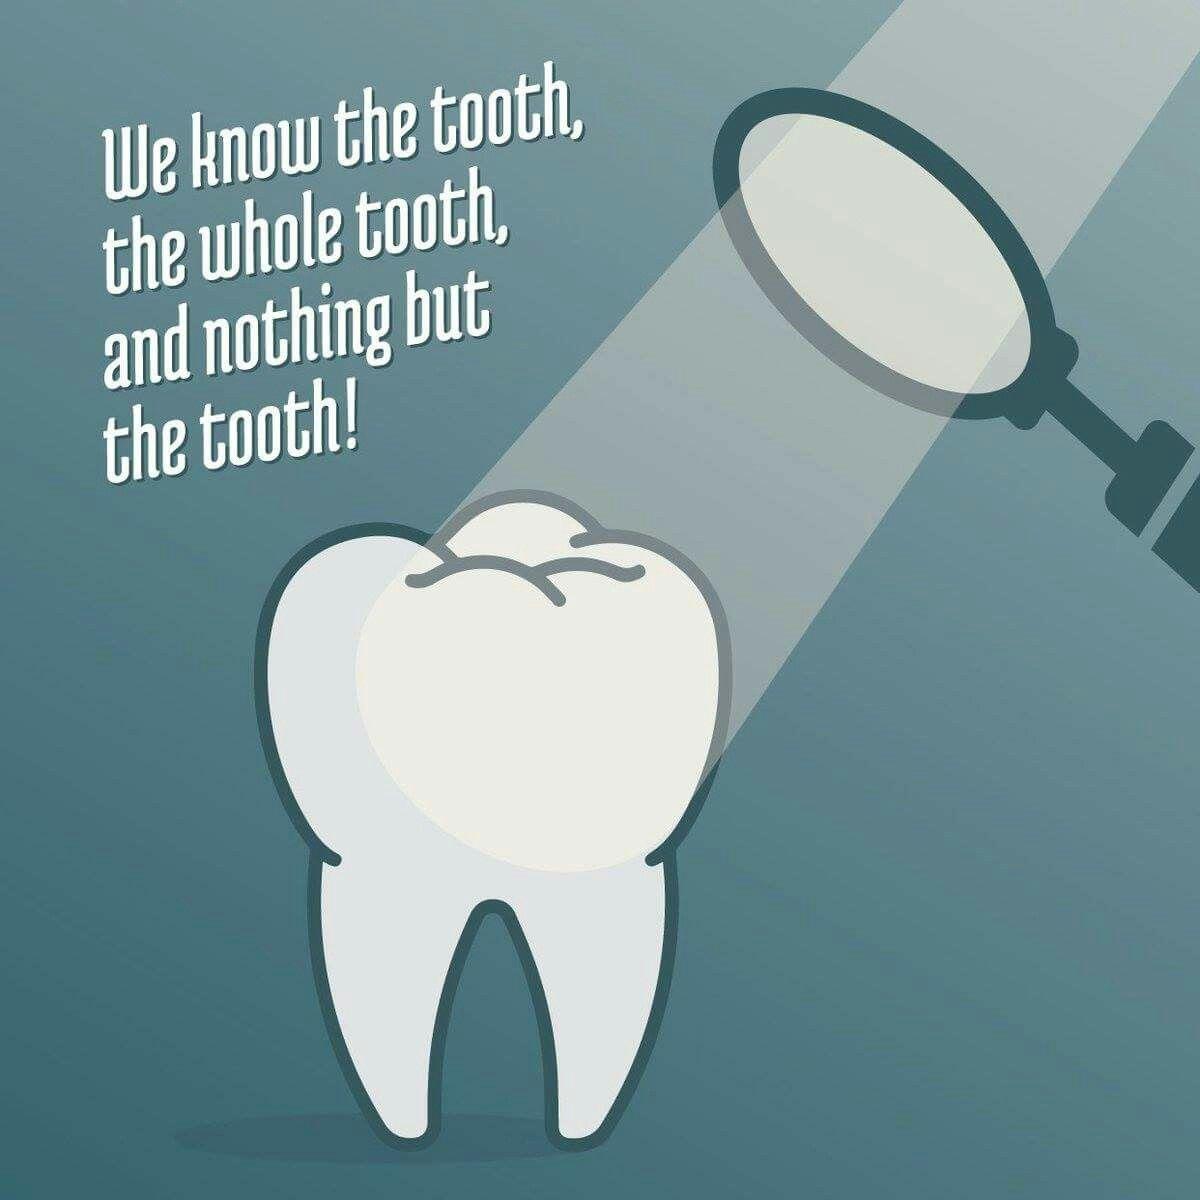 Pin by Julie Doroski on Dental Humor | Dental jokes, Dental ...